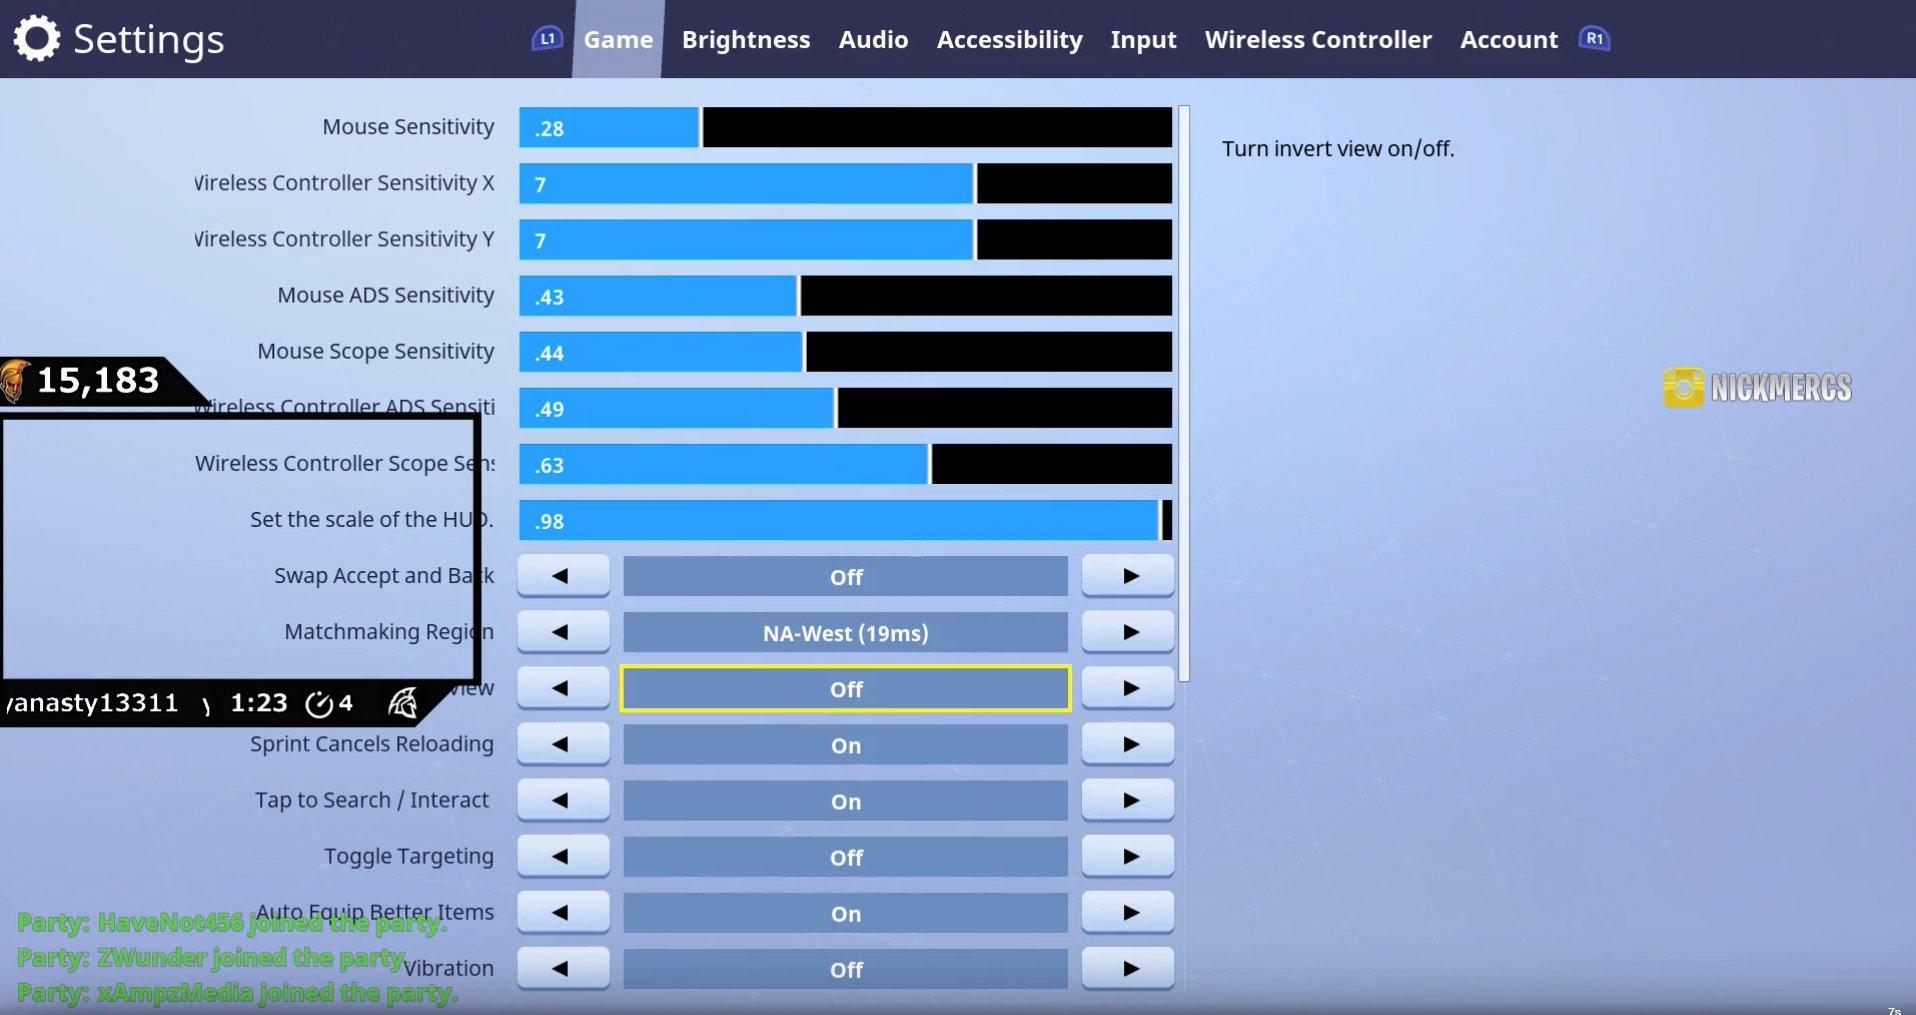 Nickmercs Fortnite Settings Keybinds Gear Sensitivity 2019